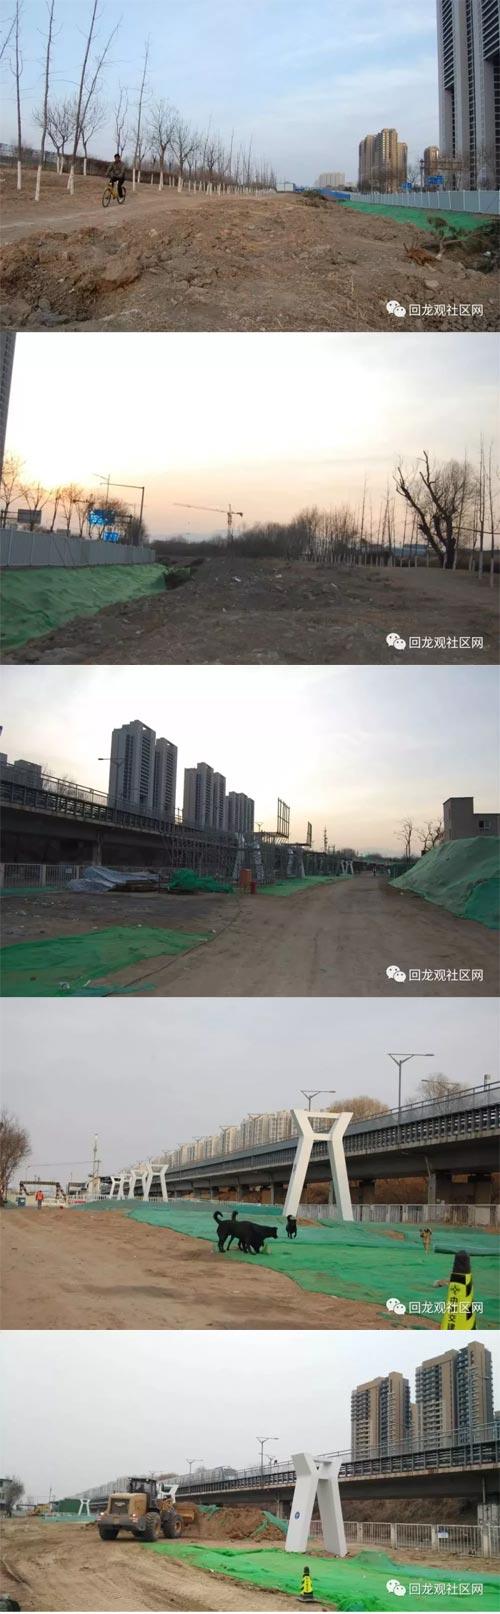 北京自行车高速路新进展